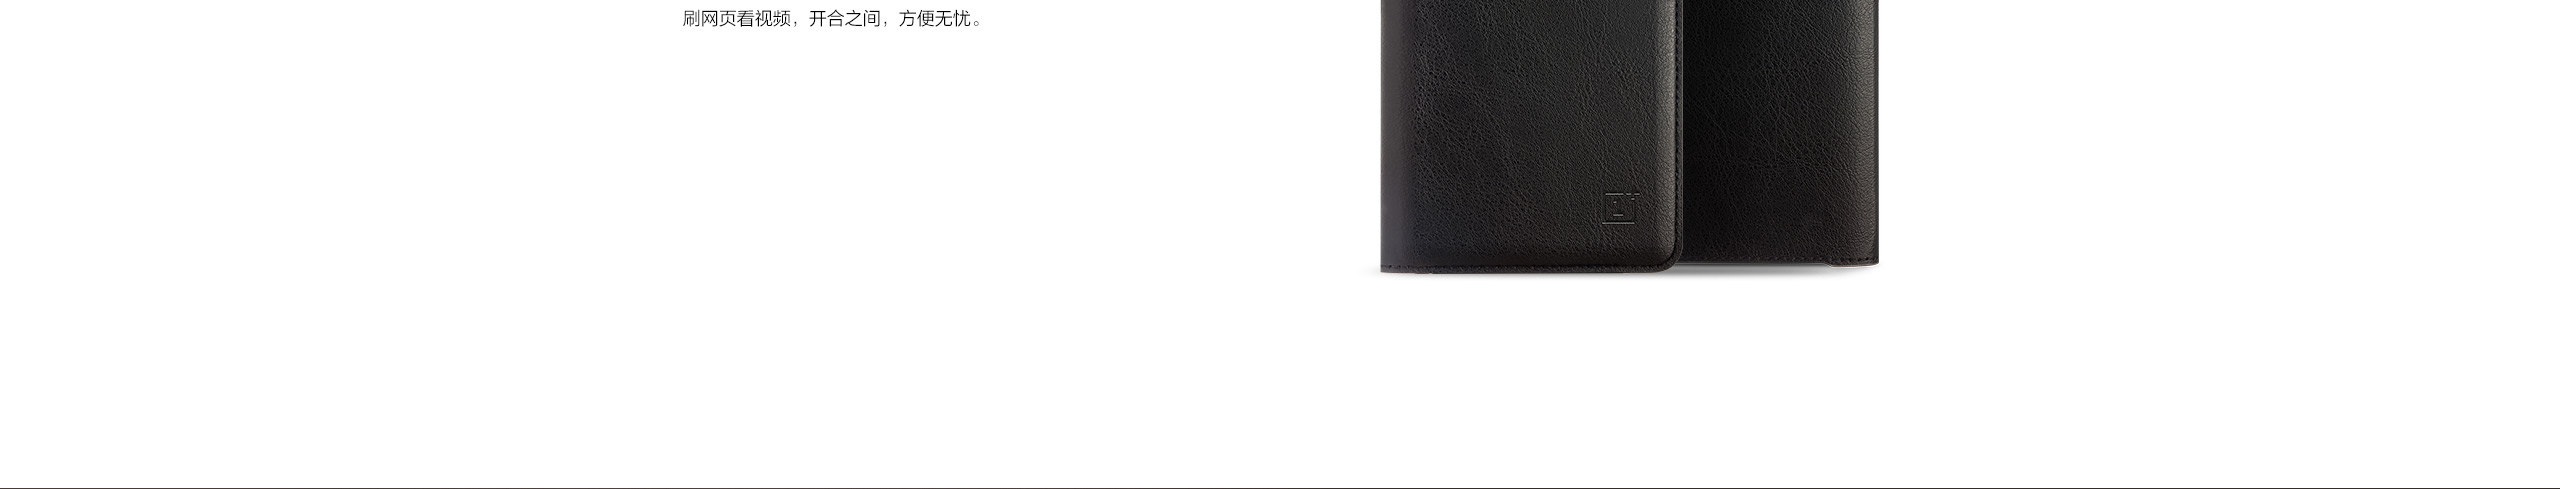 一加手机3保护套(黑色)16